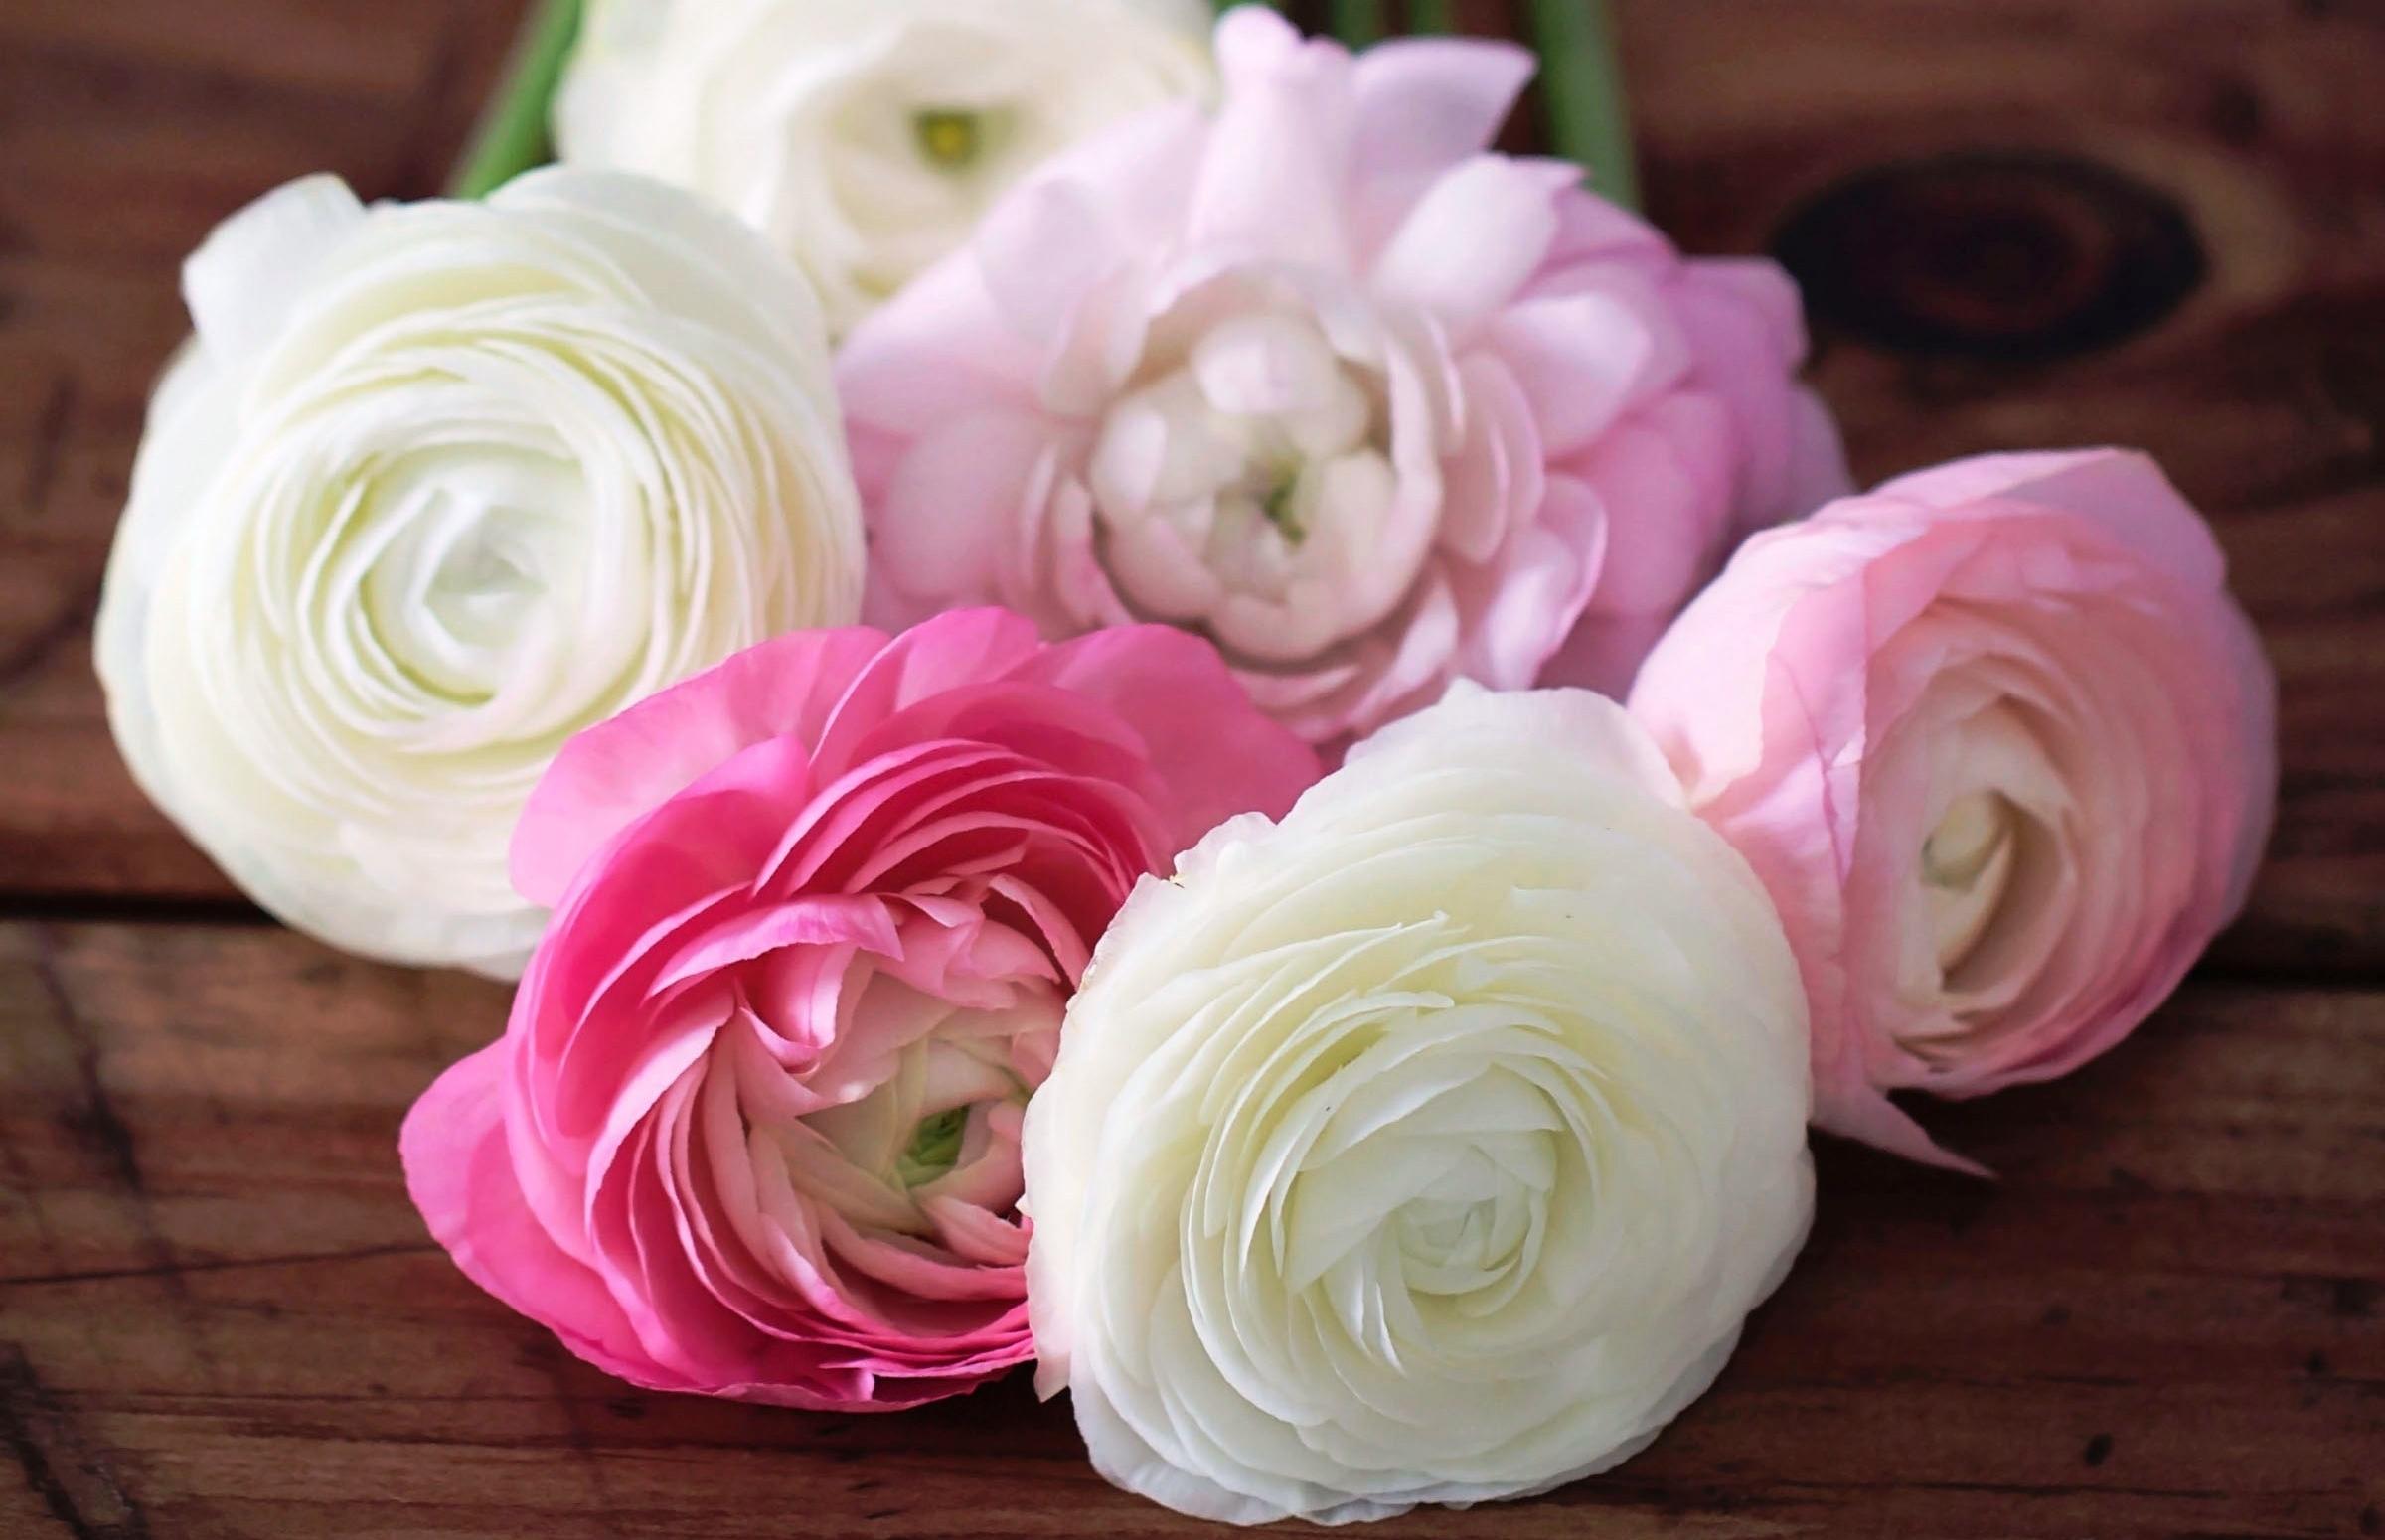 55348 скачать обои Разное, Цветы, Лепестки, Бутоны, Розовые, Лютики, Ranunculus - заставки и картинки бесплатно